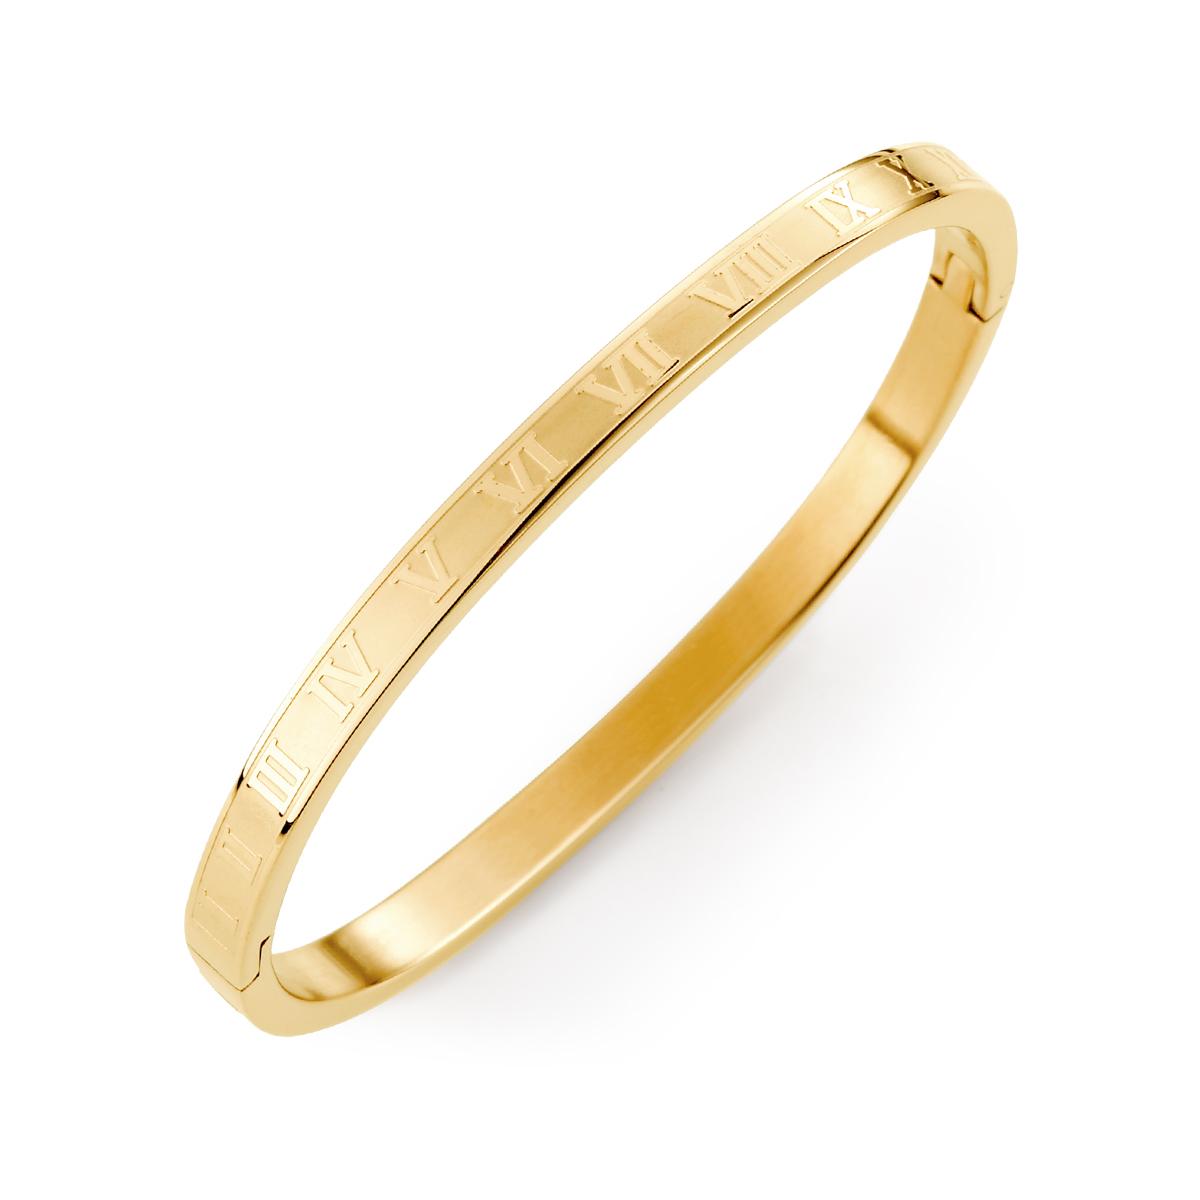 C147 羅馬數字圖手環